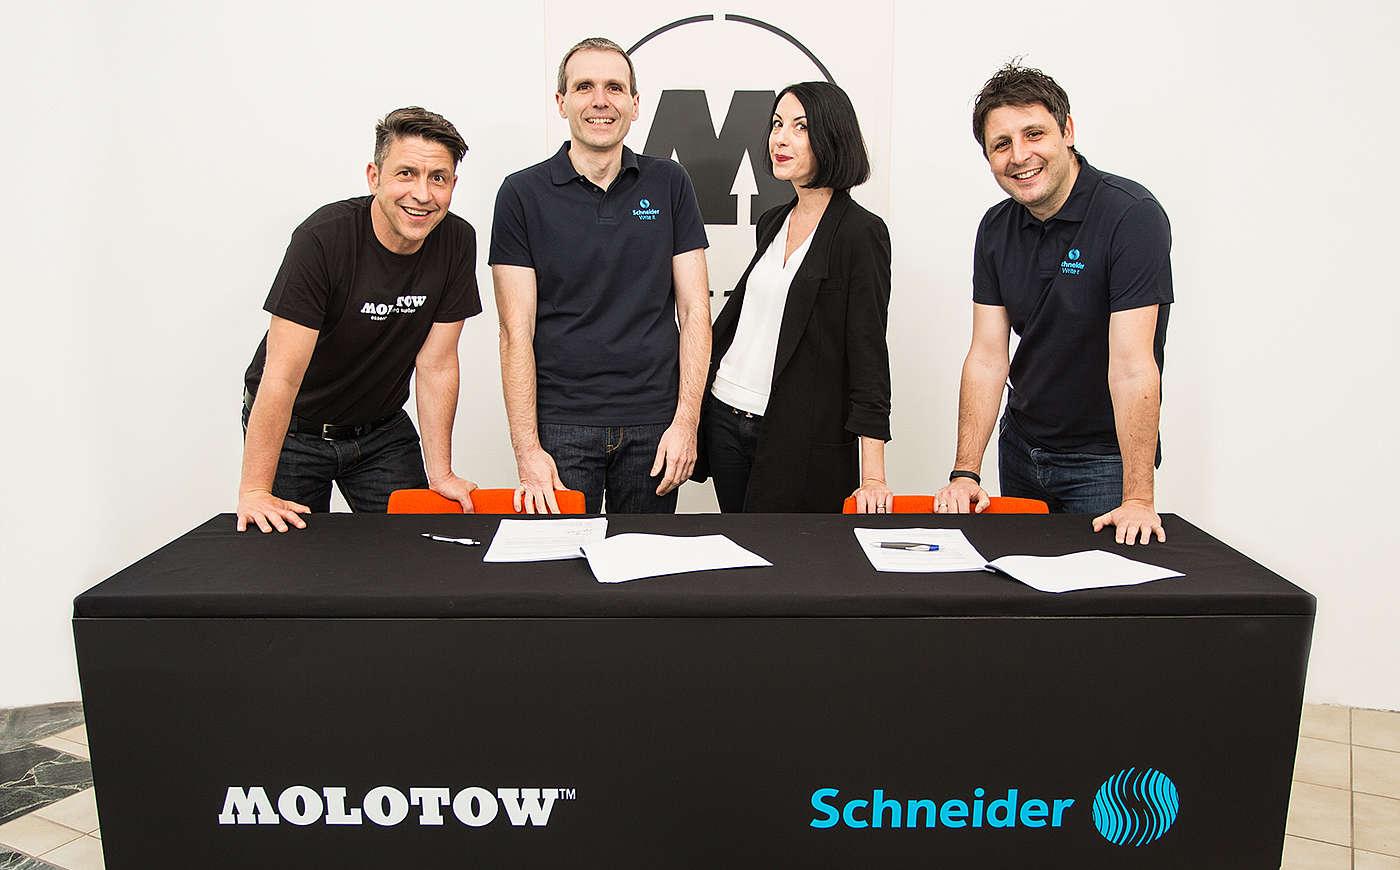 MOLOTOW x SCHNEIDER - právoplatní partneři